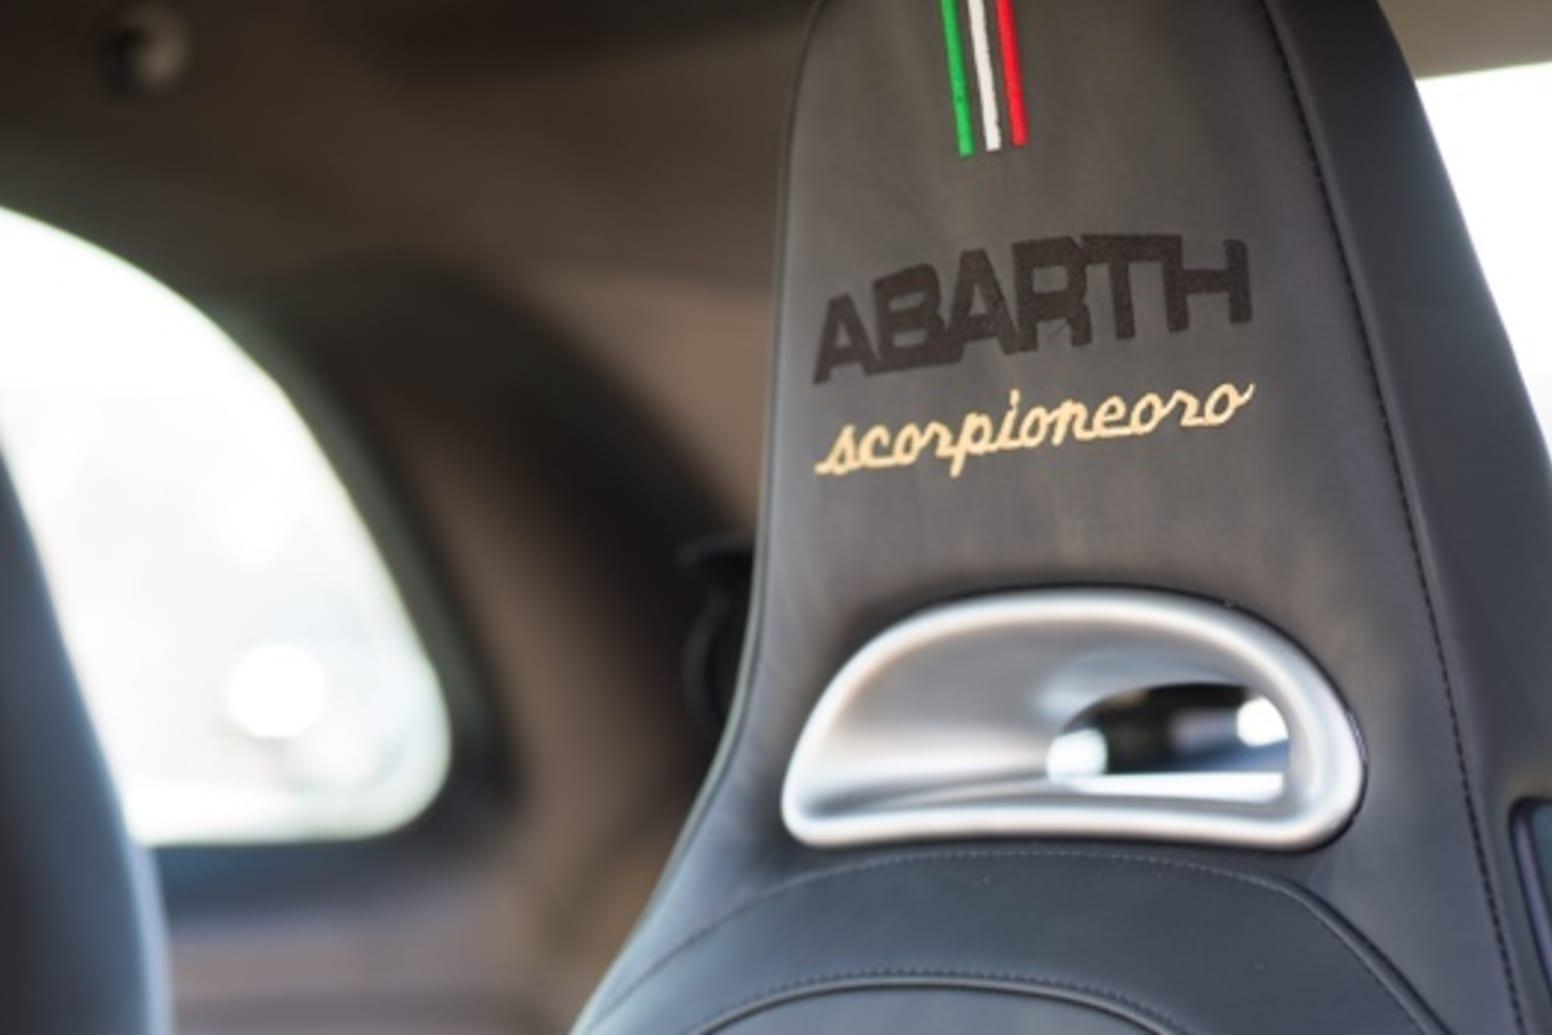 Abarth 595 Scorpioneoro Interior Seat